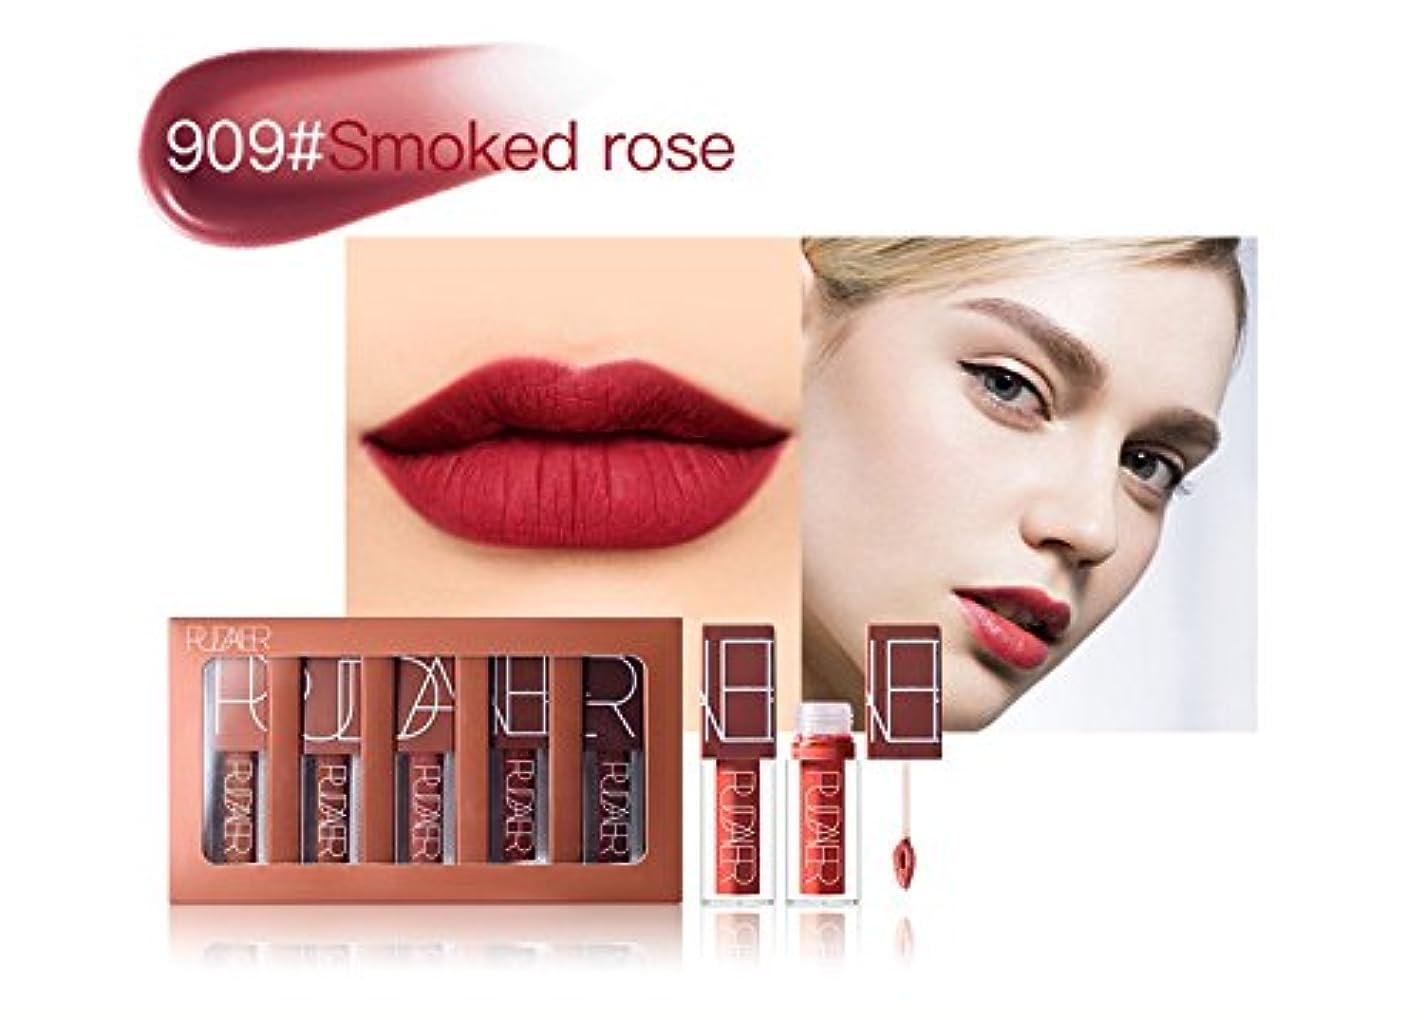 重なる喜劇体現するNo #909 Hot Brand Long Lasting Velvet Lips Tint Liquid Lipstick Matte Beauty Cosmetics Sexy Nude Pigment Matte Lip Gloss Tattoo Makeup